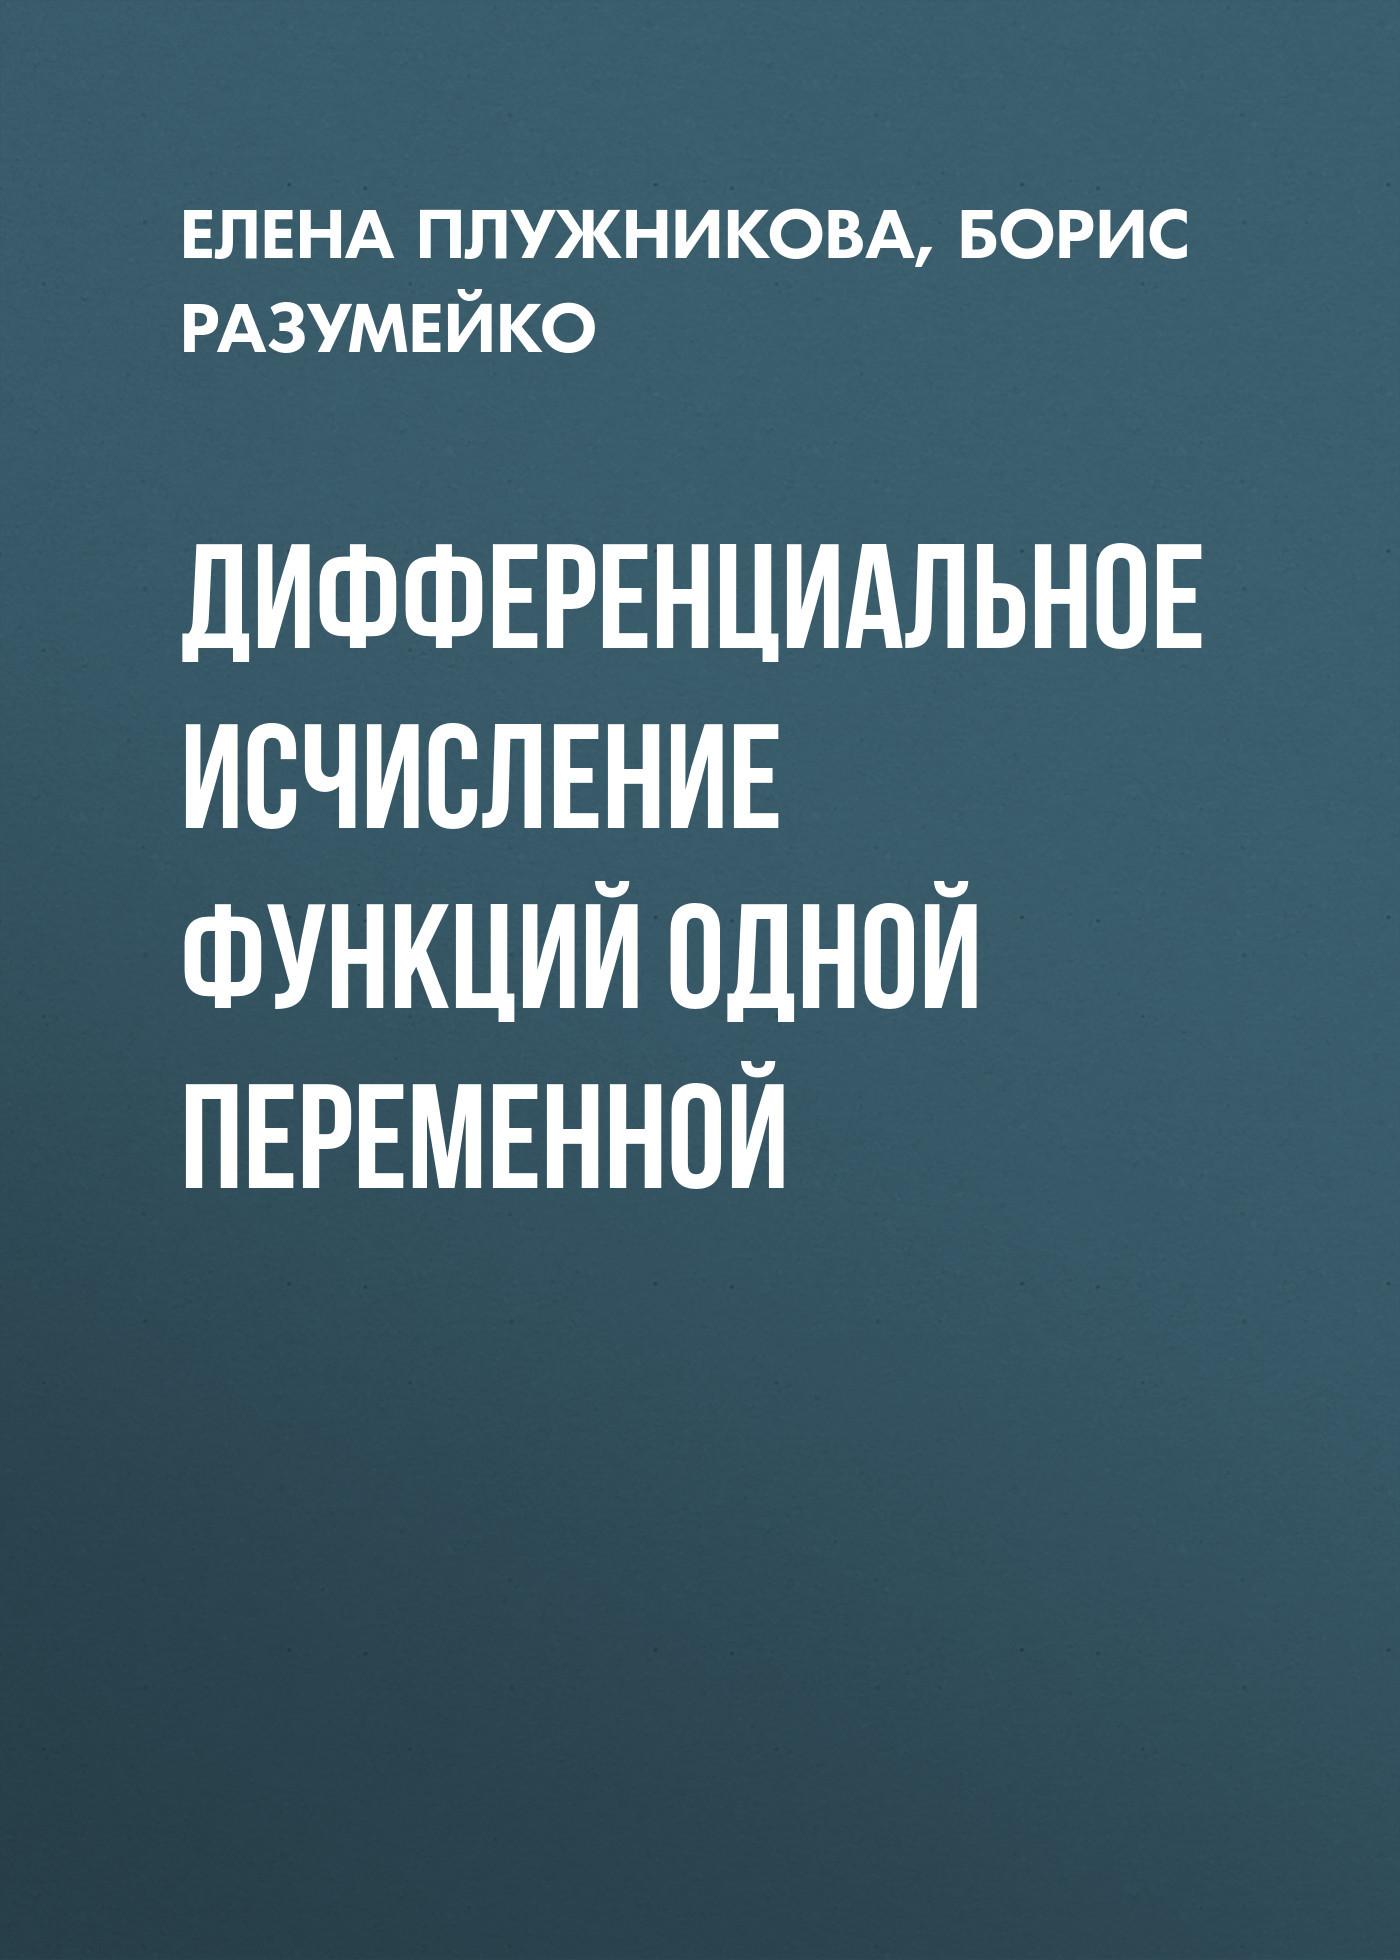 Е. Л. Плужникова Дифференциальное исчисление функций одной переменной елена плужникова дифференциальное исчисление функций многих переменных